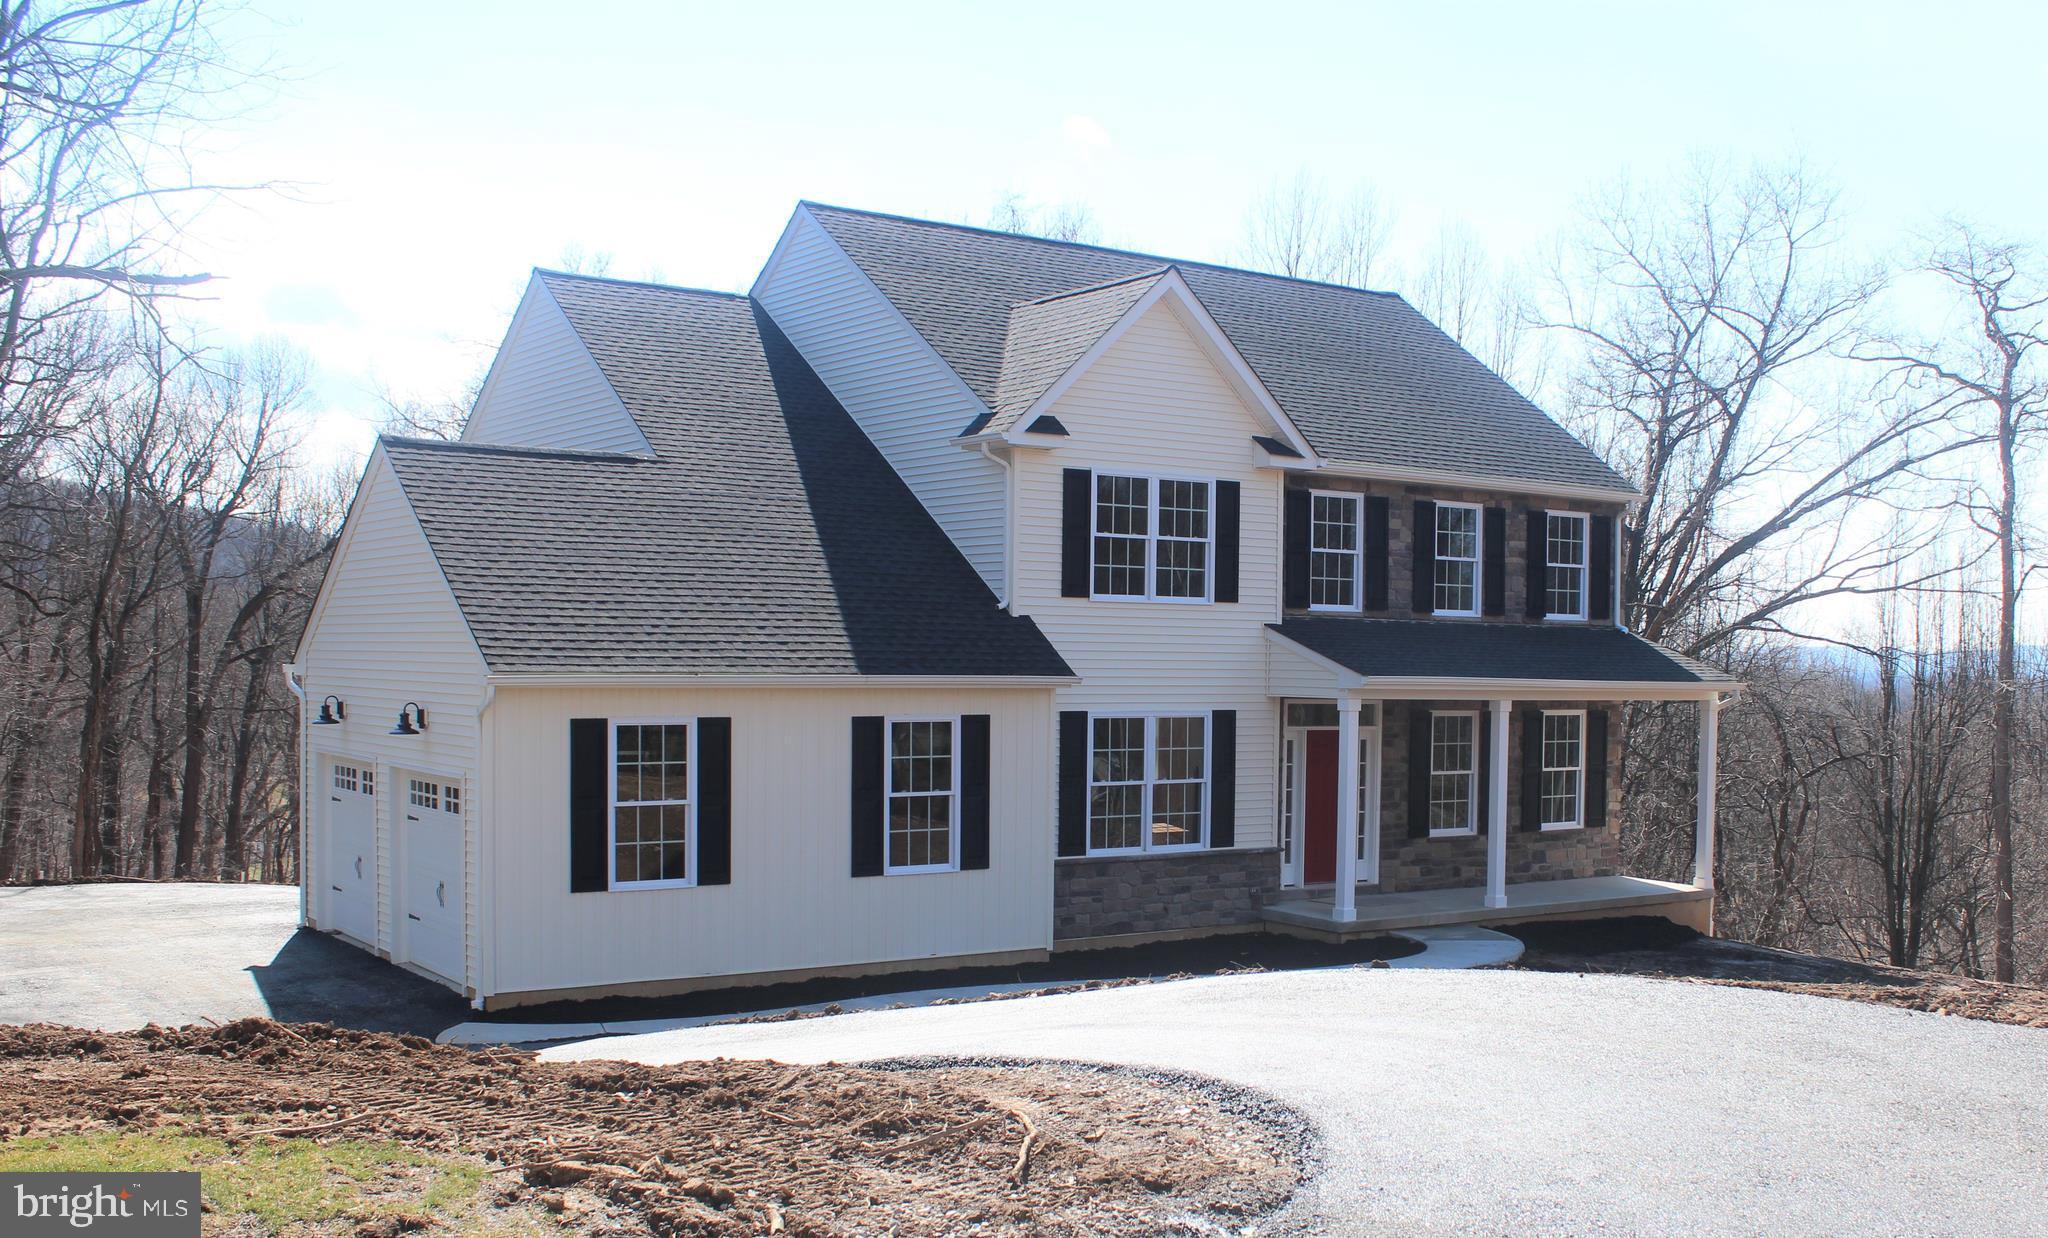 1826 Timber Lane, Hellertown, PA 18055